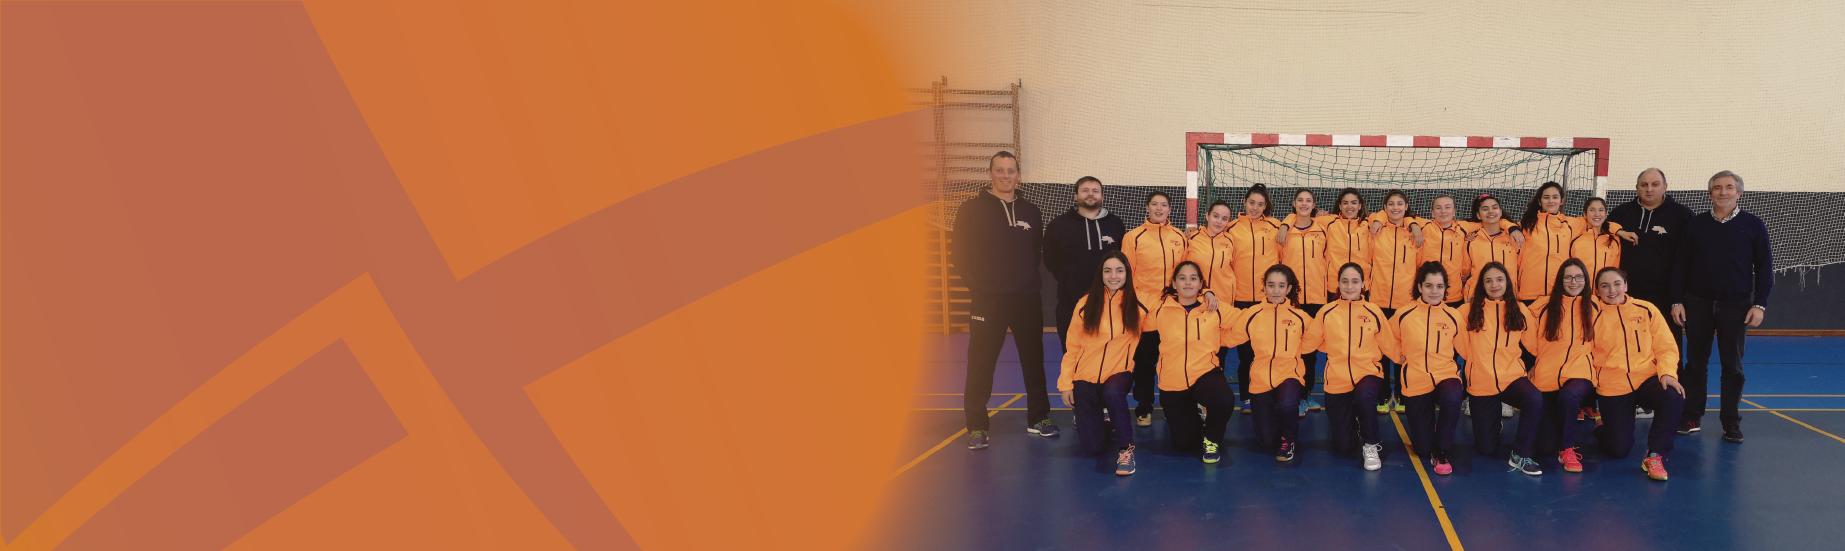 Seleção Feminina da Associação de Andebol de Viseu na Fase Final do Torneio Nacional